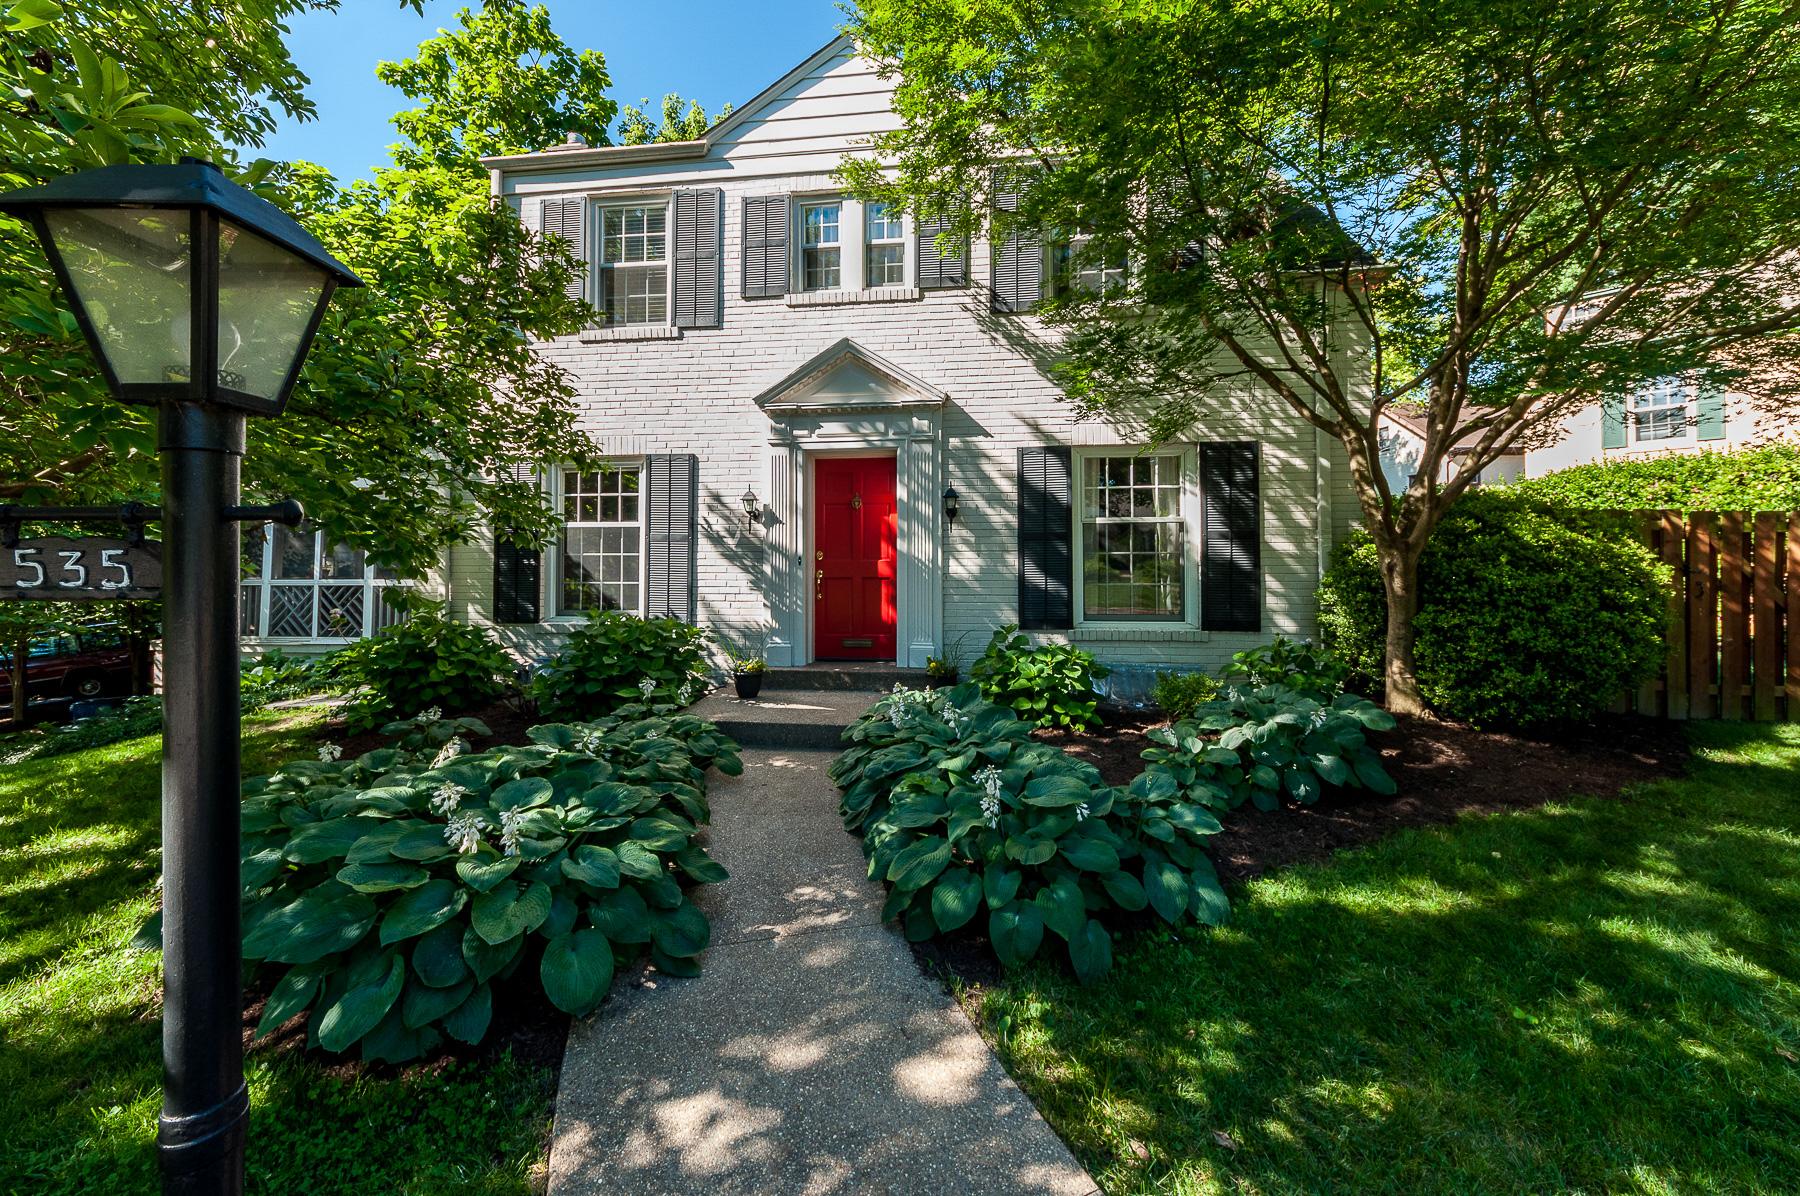 Maison unifamiliale pour l Vente à East Deive 535 East Drive University City, Missouri, 63130 États-Unis